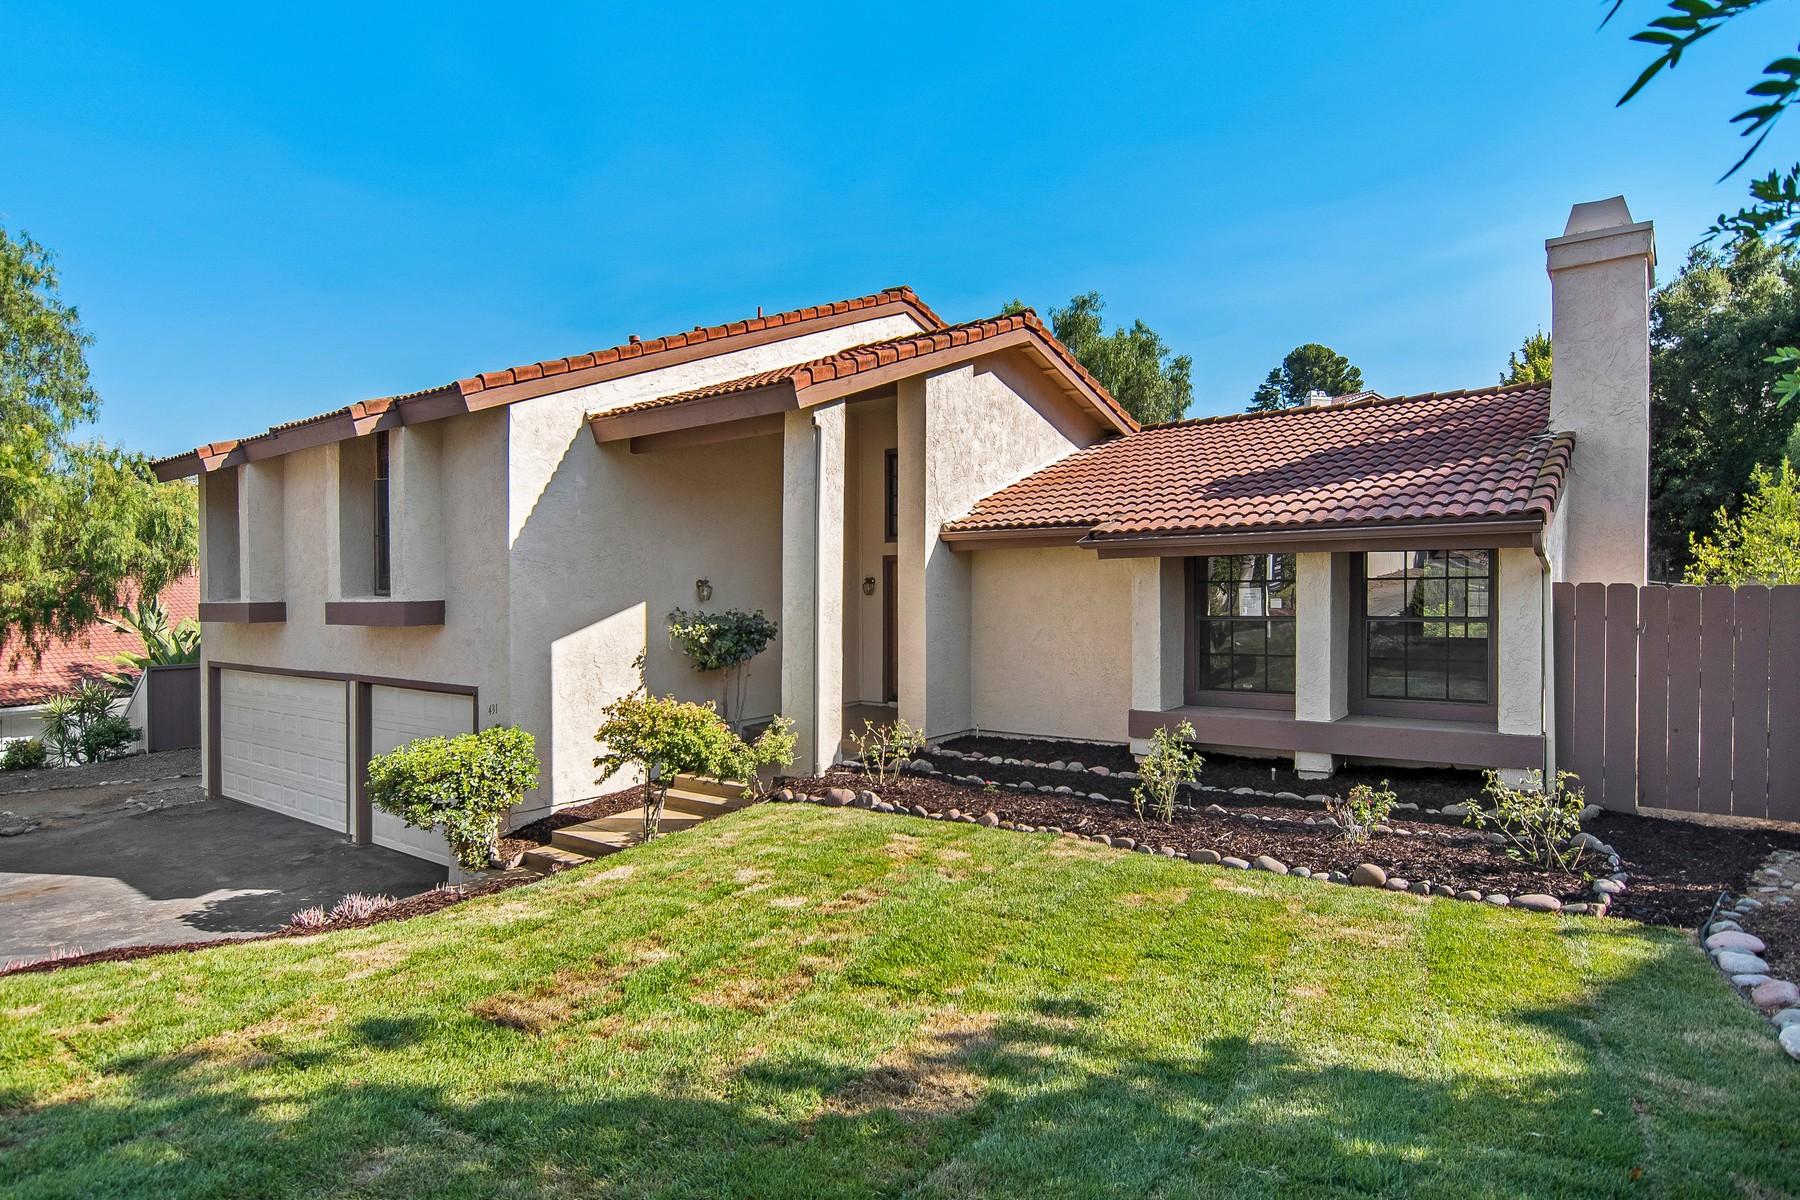 独户住宅 为 销售 在 431 Avenida Adobe 埃斯孔迪多, 加利福尼亚州, 92029 美国